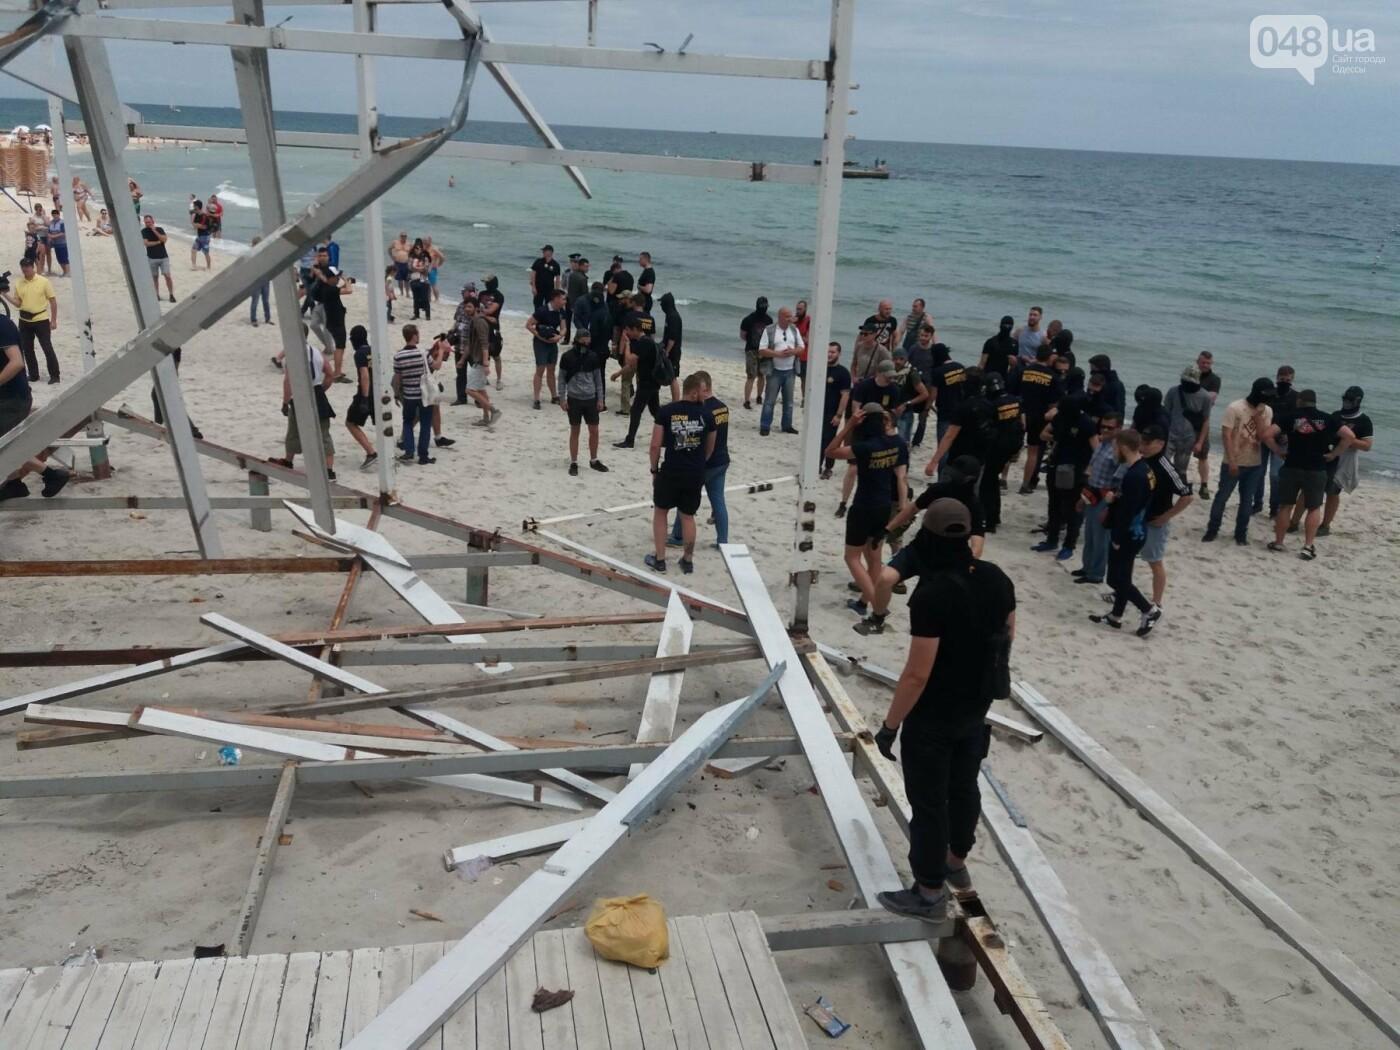 Полицейские рассказали, что думают об акции «Вернем себе пляжи» на одесском Фонтане, - ФОТО, фото-2